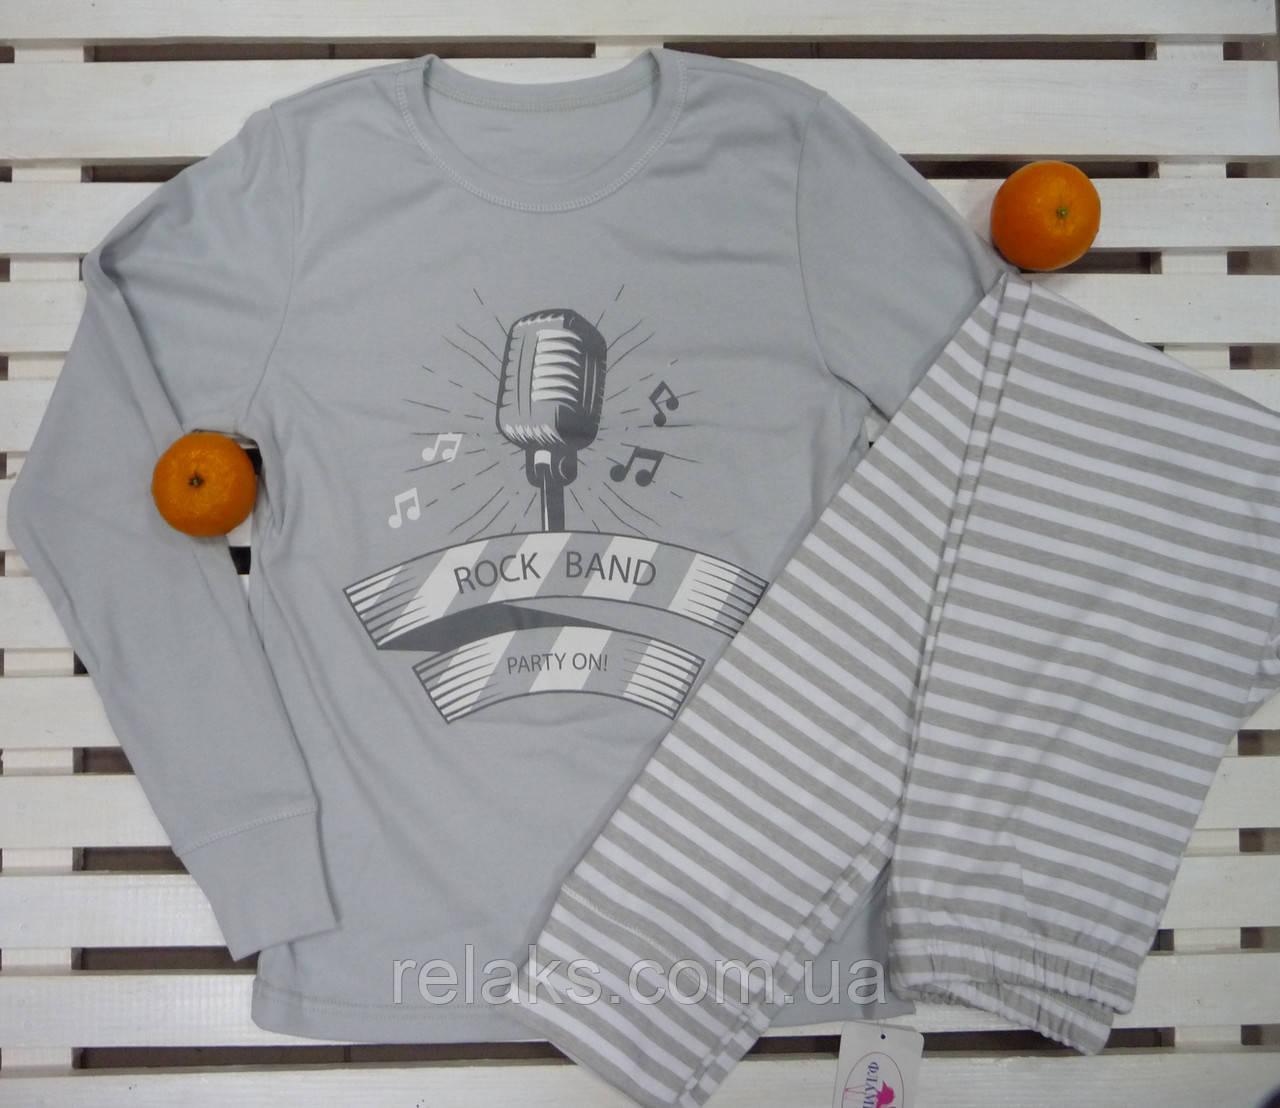 79669025a8e8 Пижама для мальчика подростка хлопковая рост 158 ТМ